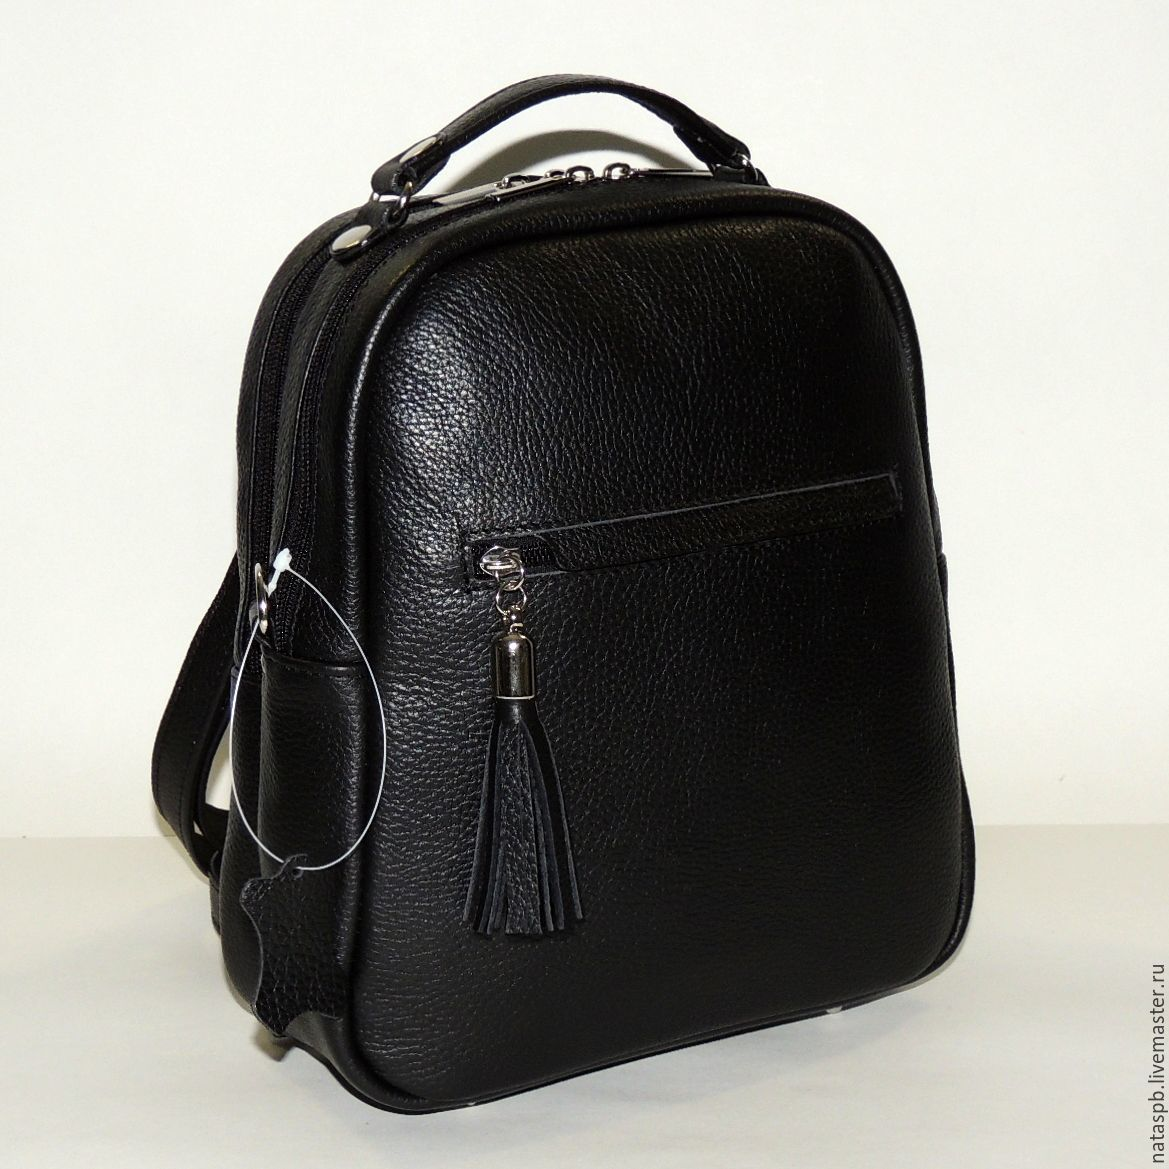 Сумки рюкзаки кожаные интернет магазин сумки дорожные фирмы орион